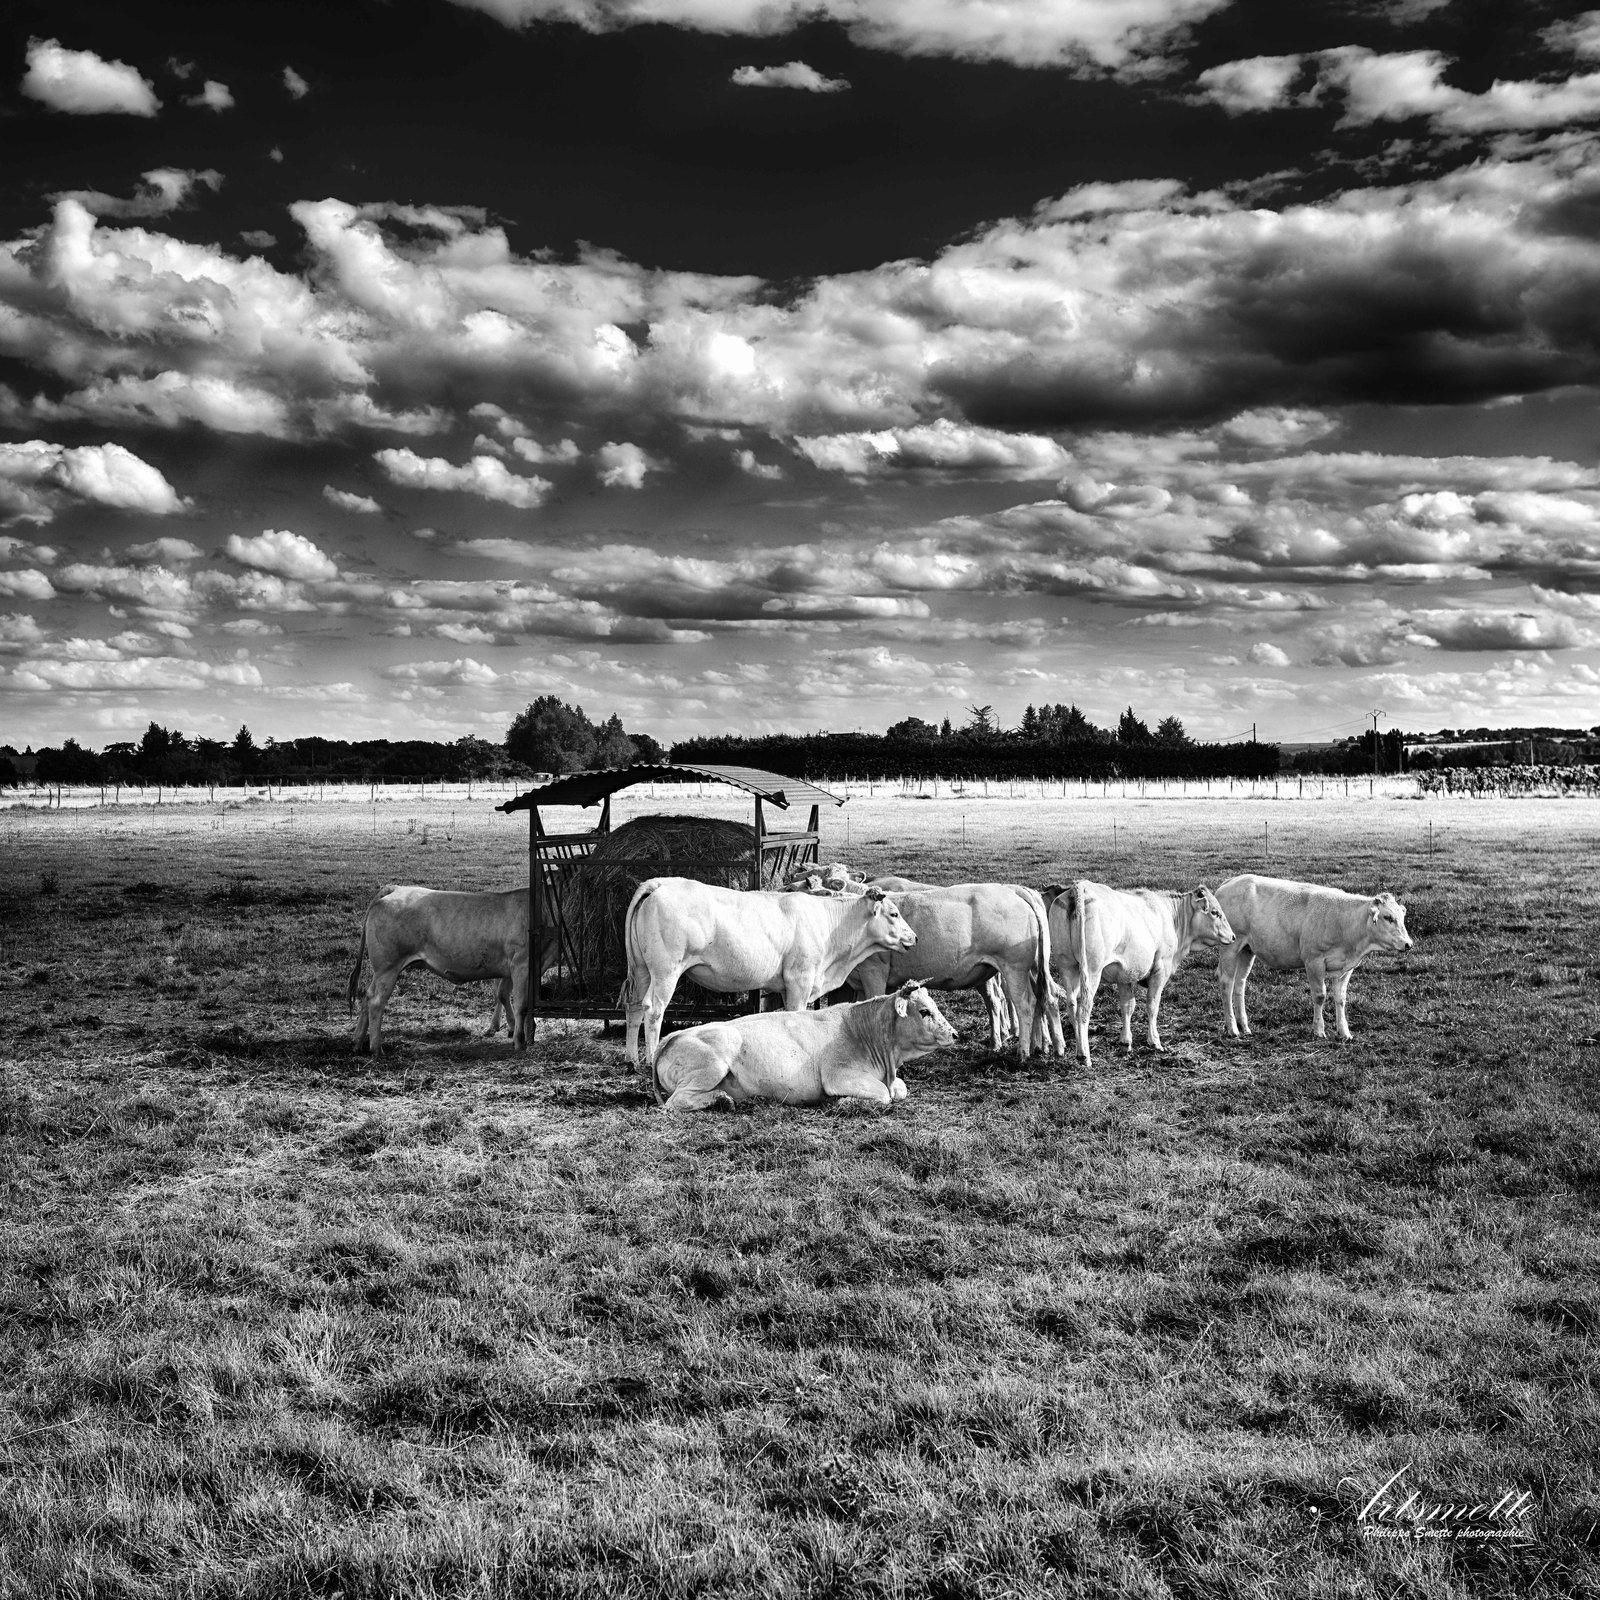 Le troupeau - Indre-et-Loire